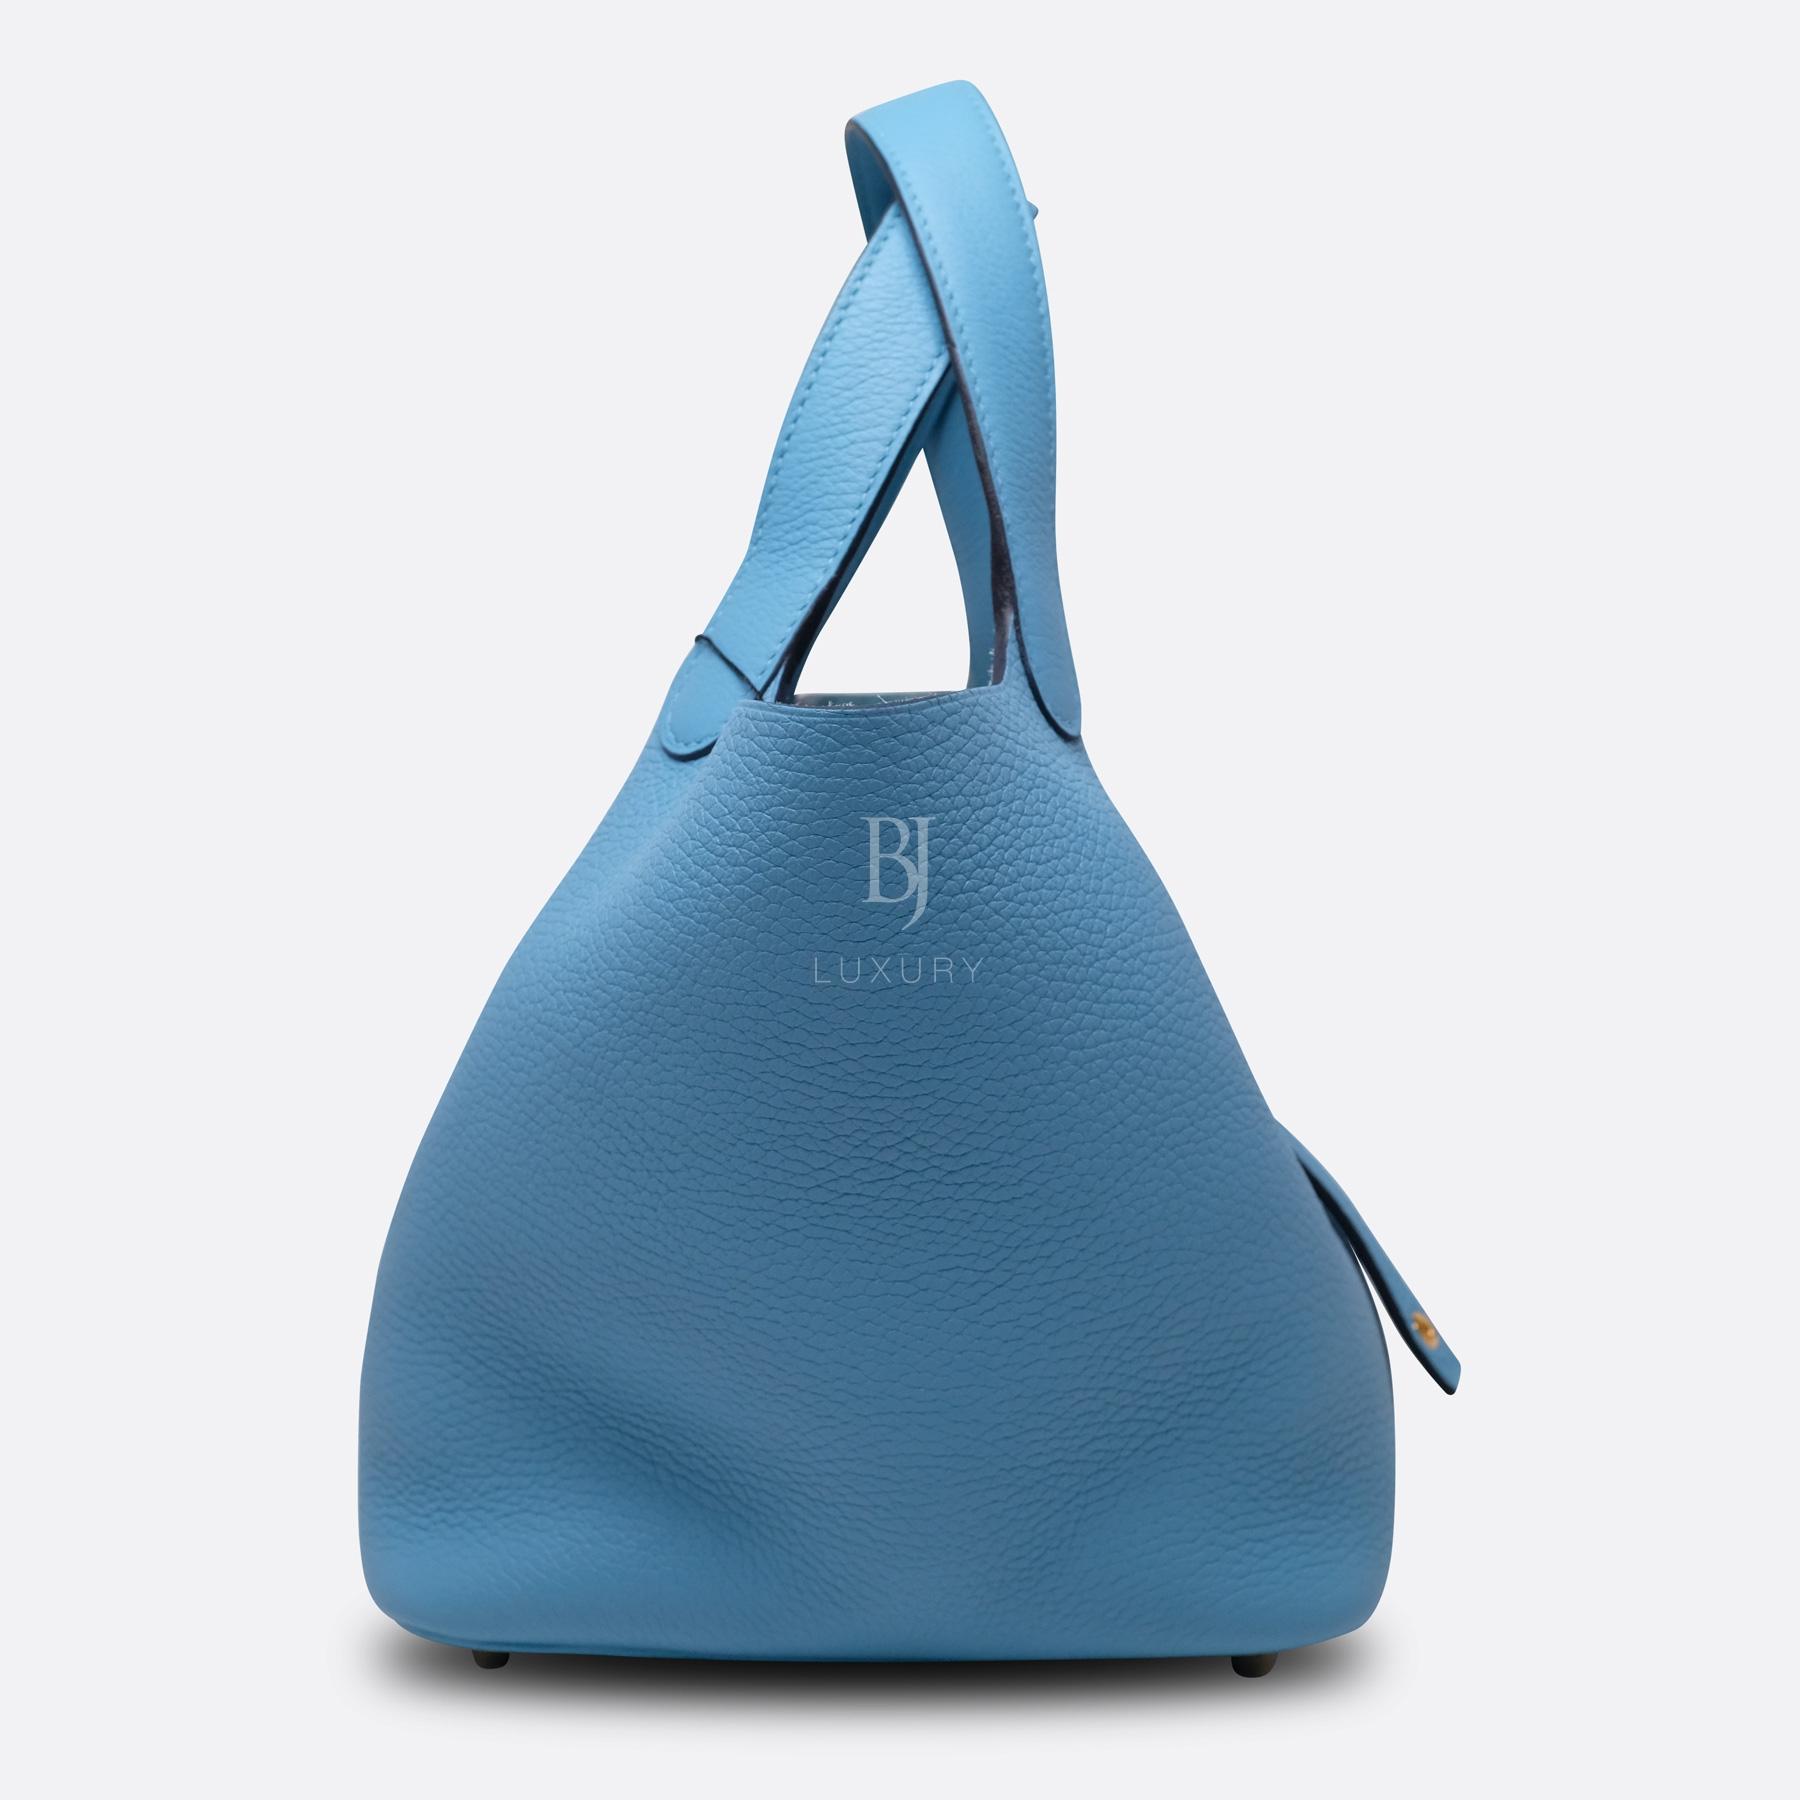 Hermes Picotin 18 Bleu Du Nord Clemence Gold BJ Luxury 4.jpg